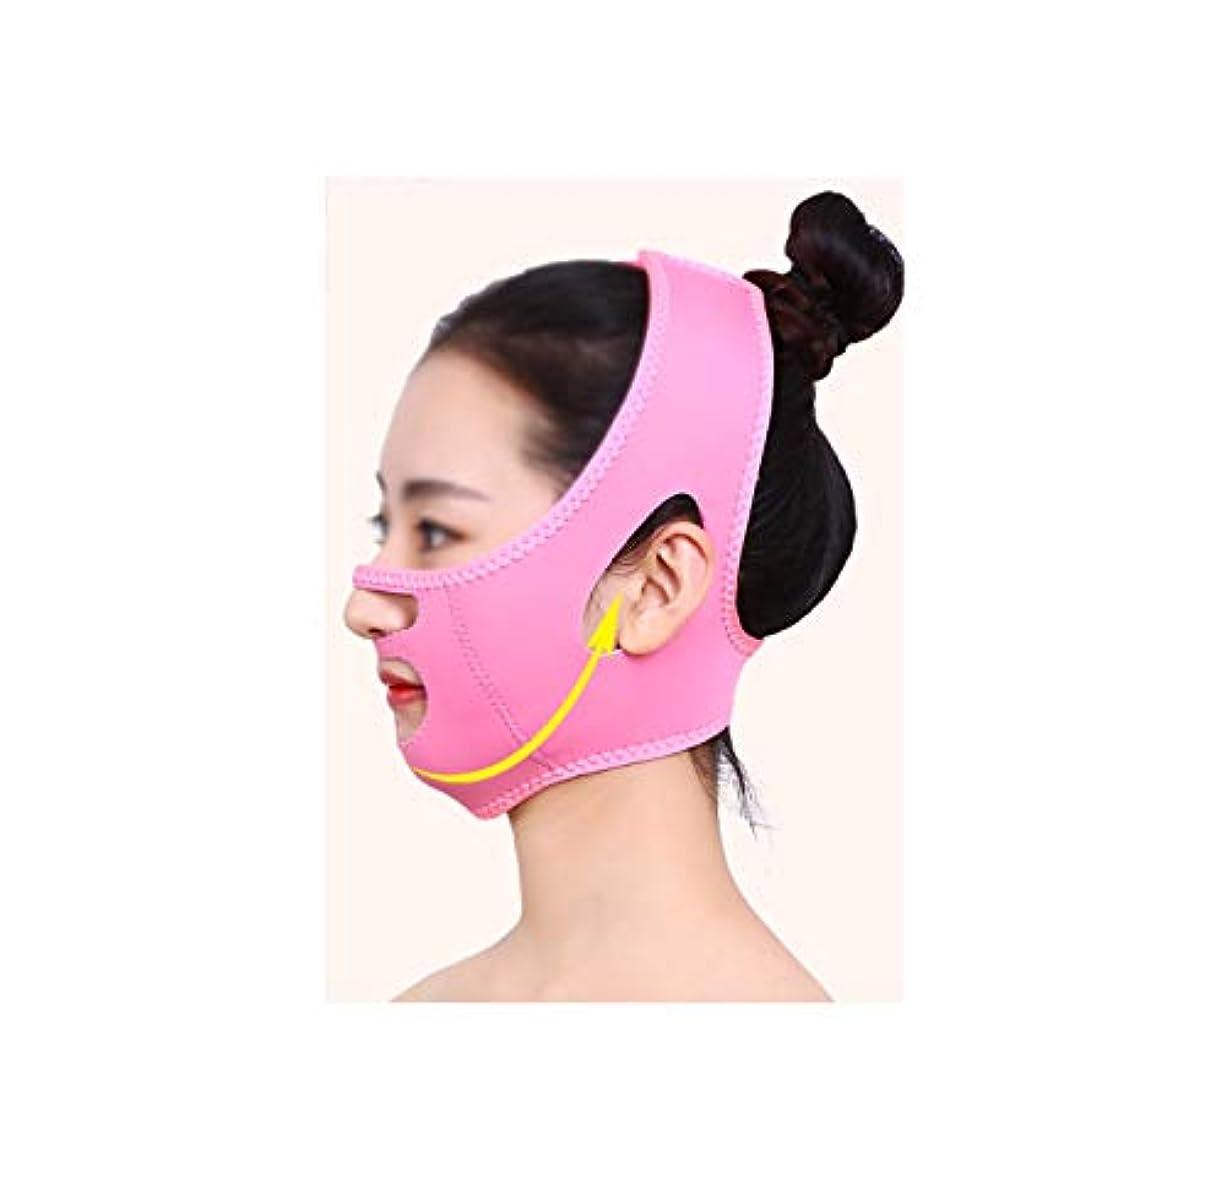 地下規則性割り当てますGLJJQMY 薄い顔マスクマスク顔機美容機器ローラー顔薄い顔Vフェイスマスク二重あご包帯アーティファクト 顔用整形マスク